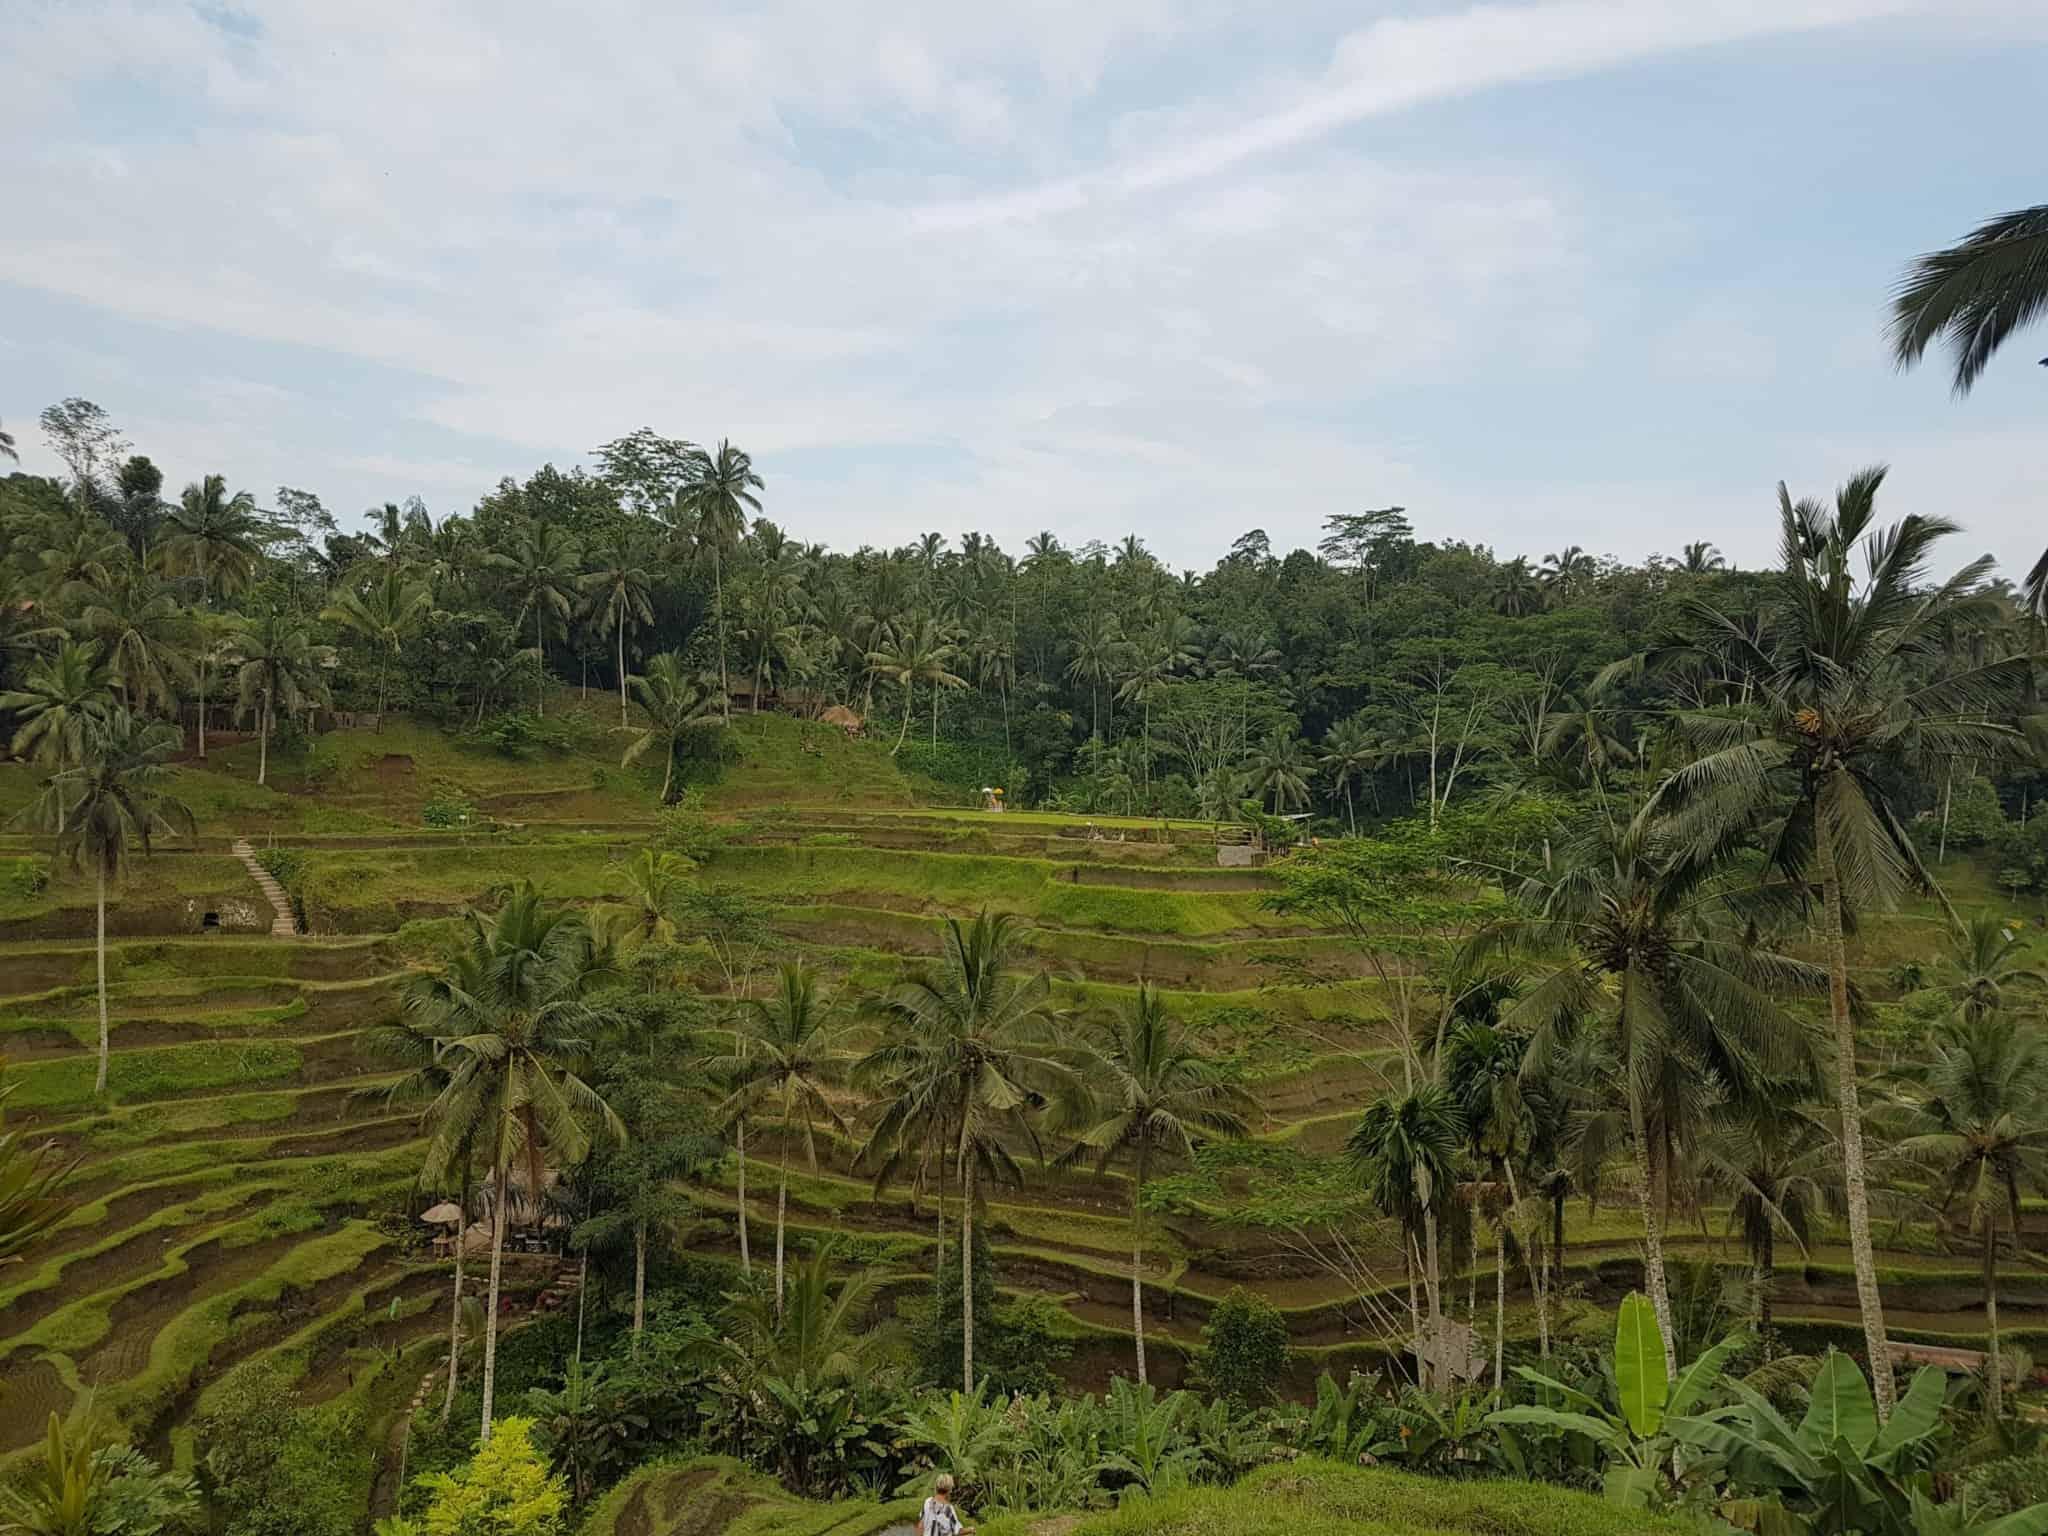 Bali, les rizières de Tegallalang et le temple Pura Tirta Empul🌱 17